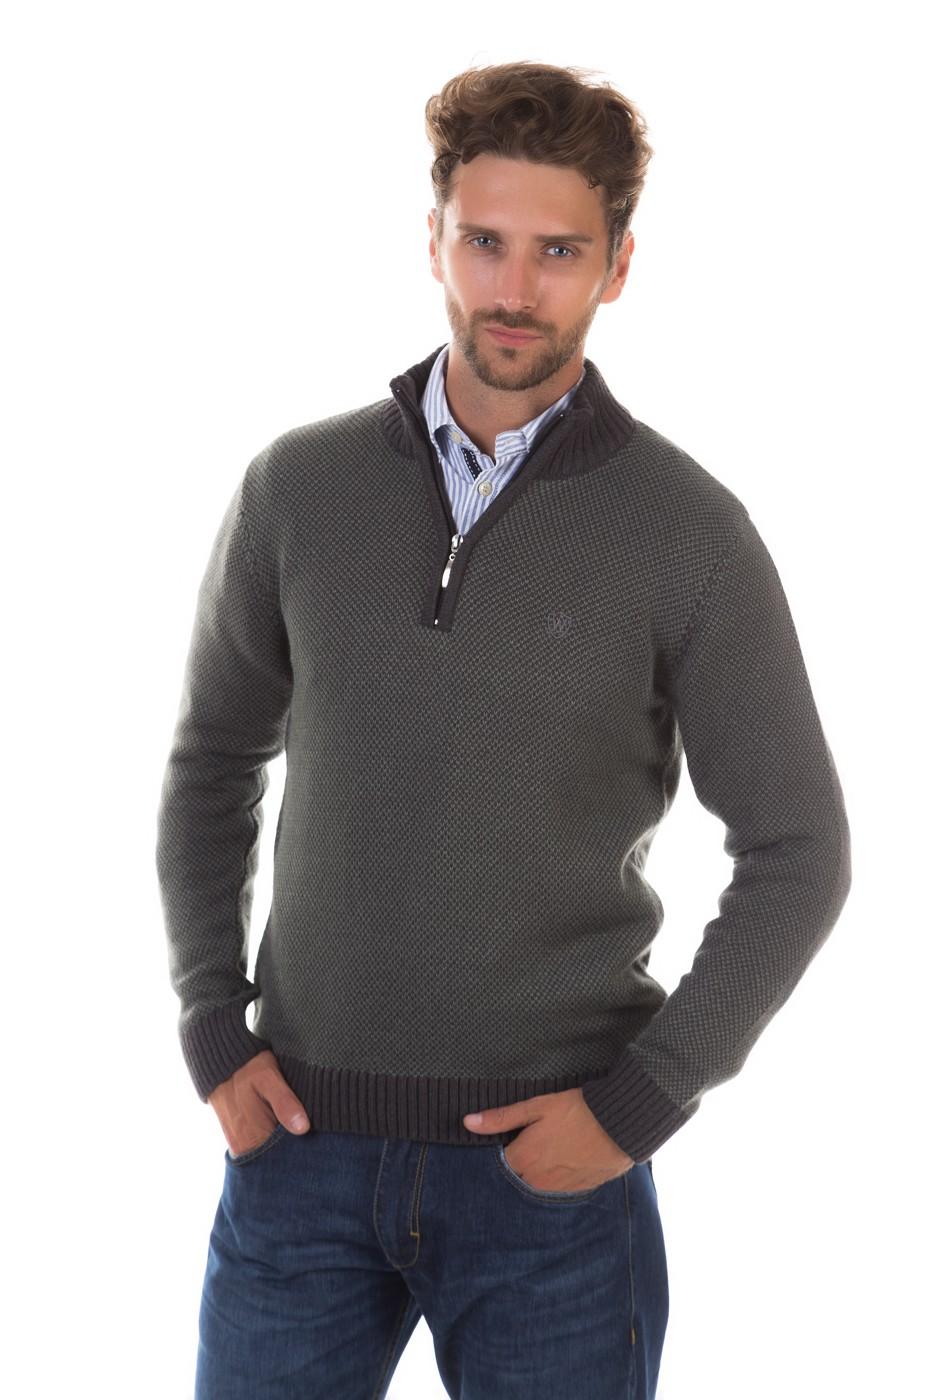 Сбор заказов. Готовим подарки на 23 февраля. Стильные луки на каждый день. Мужские свитера, рубашки, футболки, джинсы, ремниWestrenger